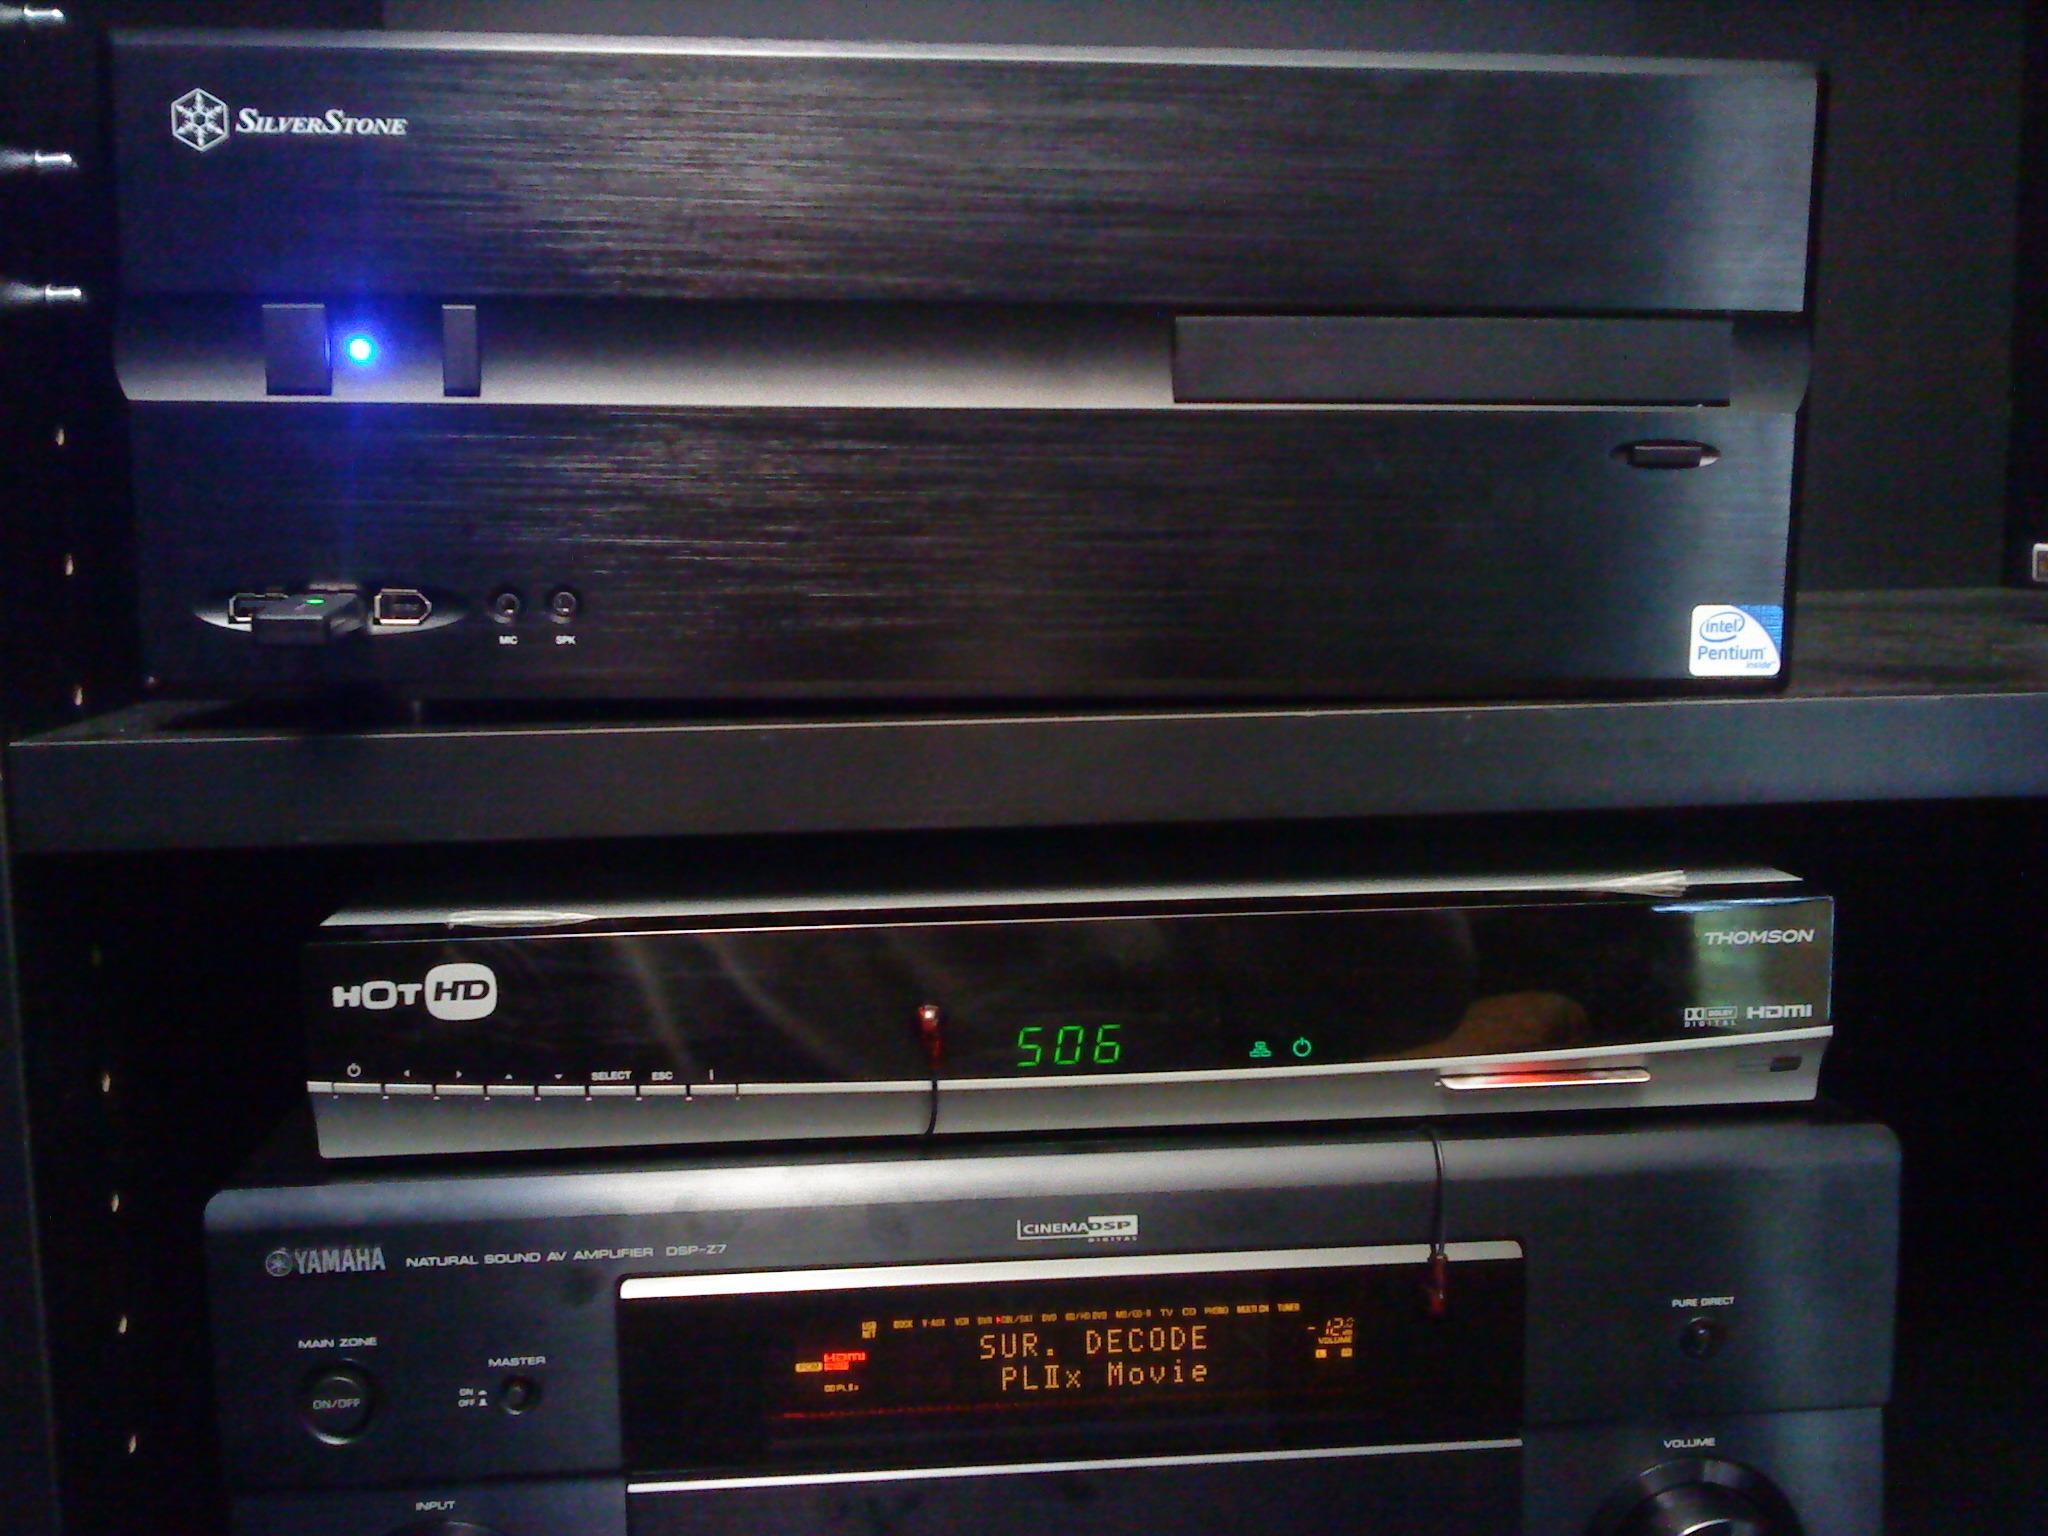 רסיבר ימאהה ומחשב קולנוע Silverstone